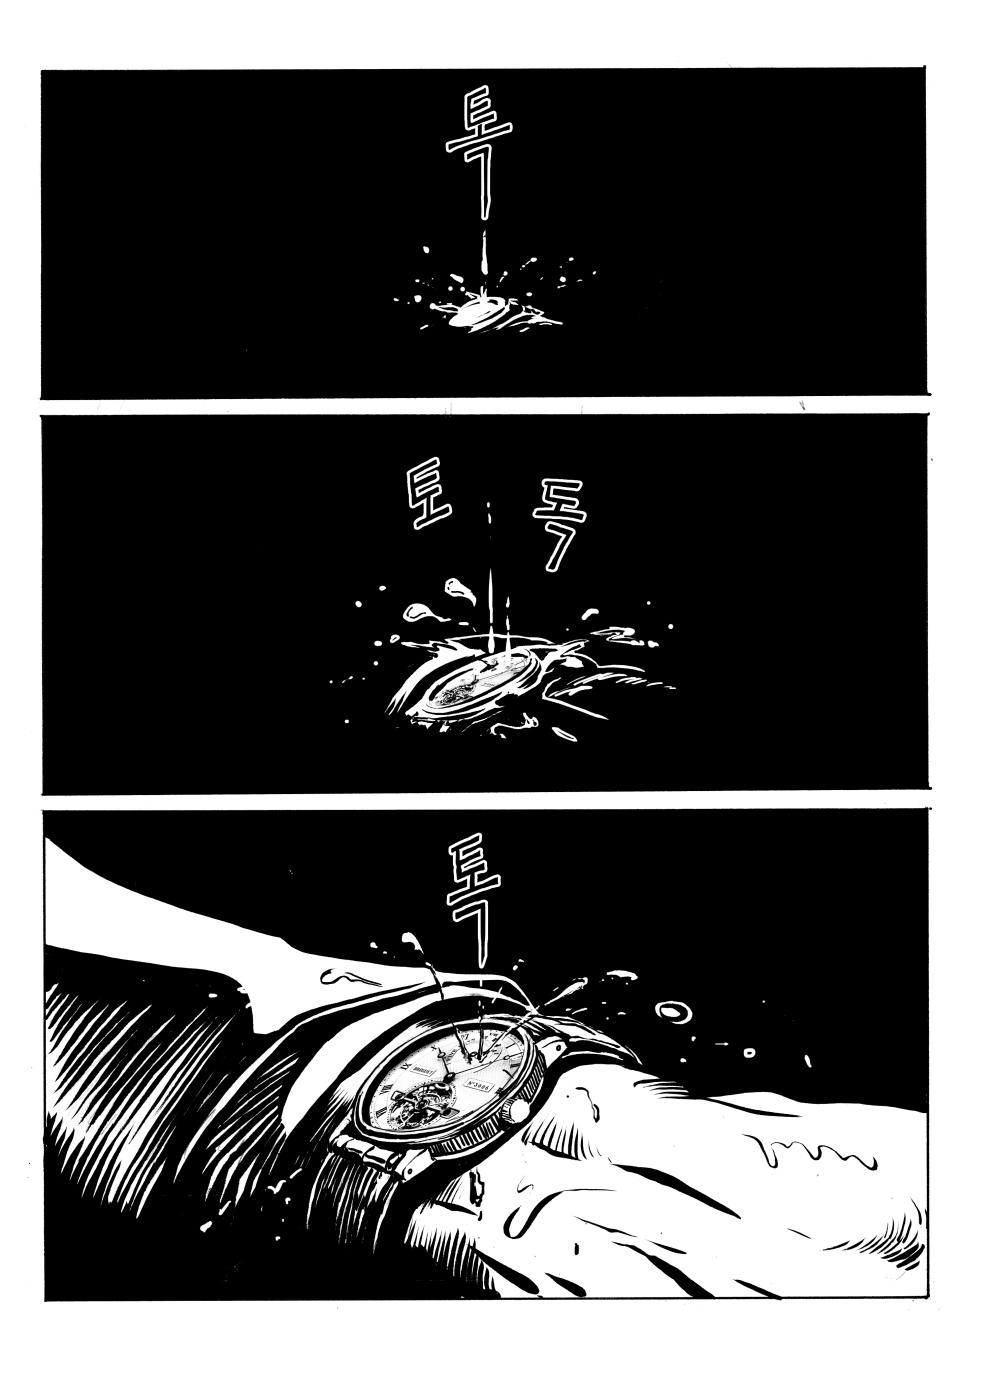 너클맨-jpg-pen-013